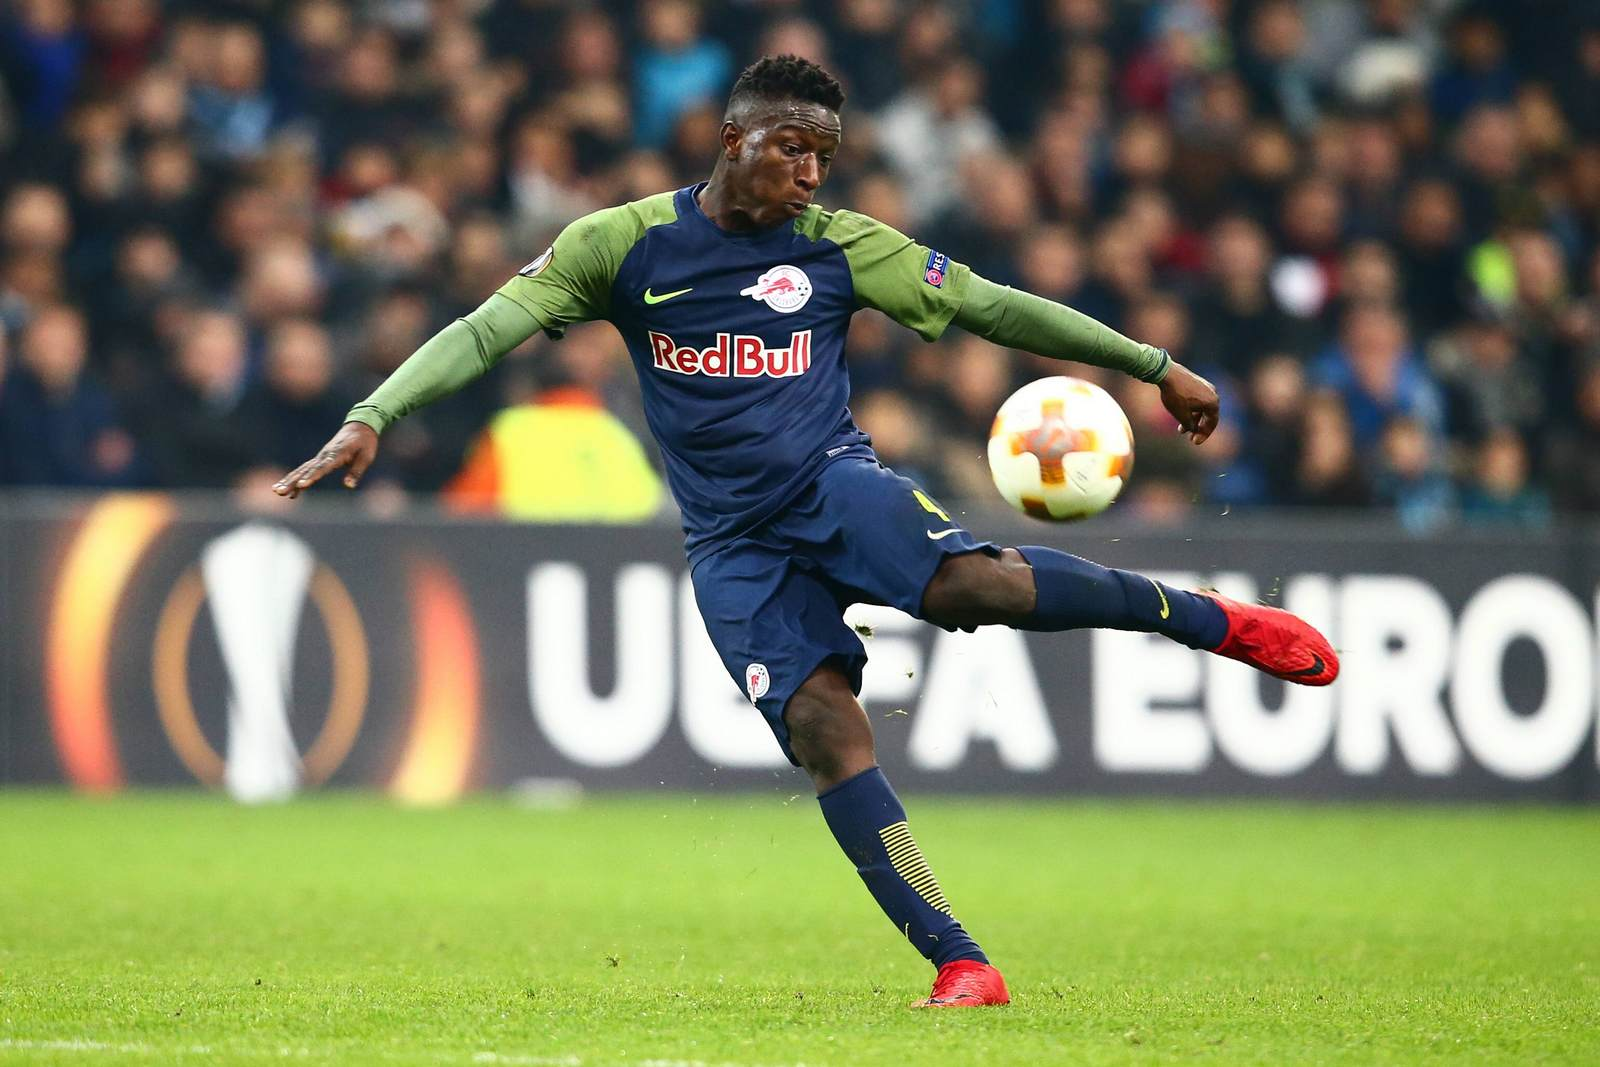 Amadou Haidara am Ball für Salzburg. Jetzt auf die Partie Real Sociedad gegen Red Bull Salzburg wetten.